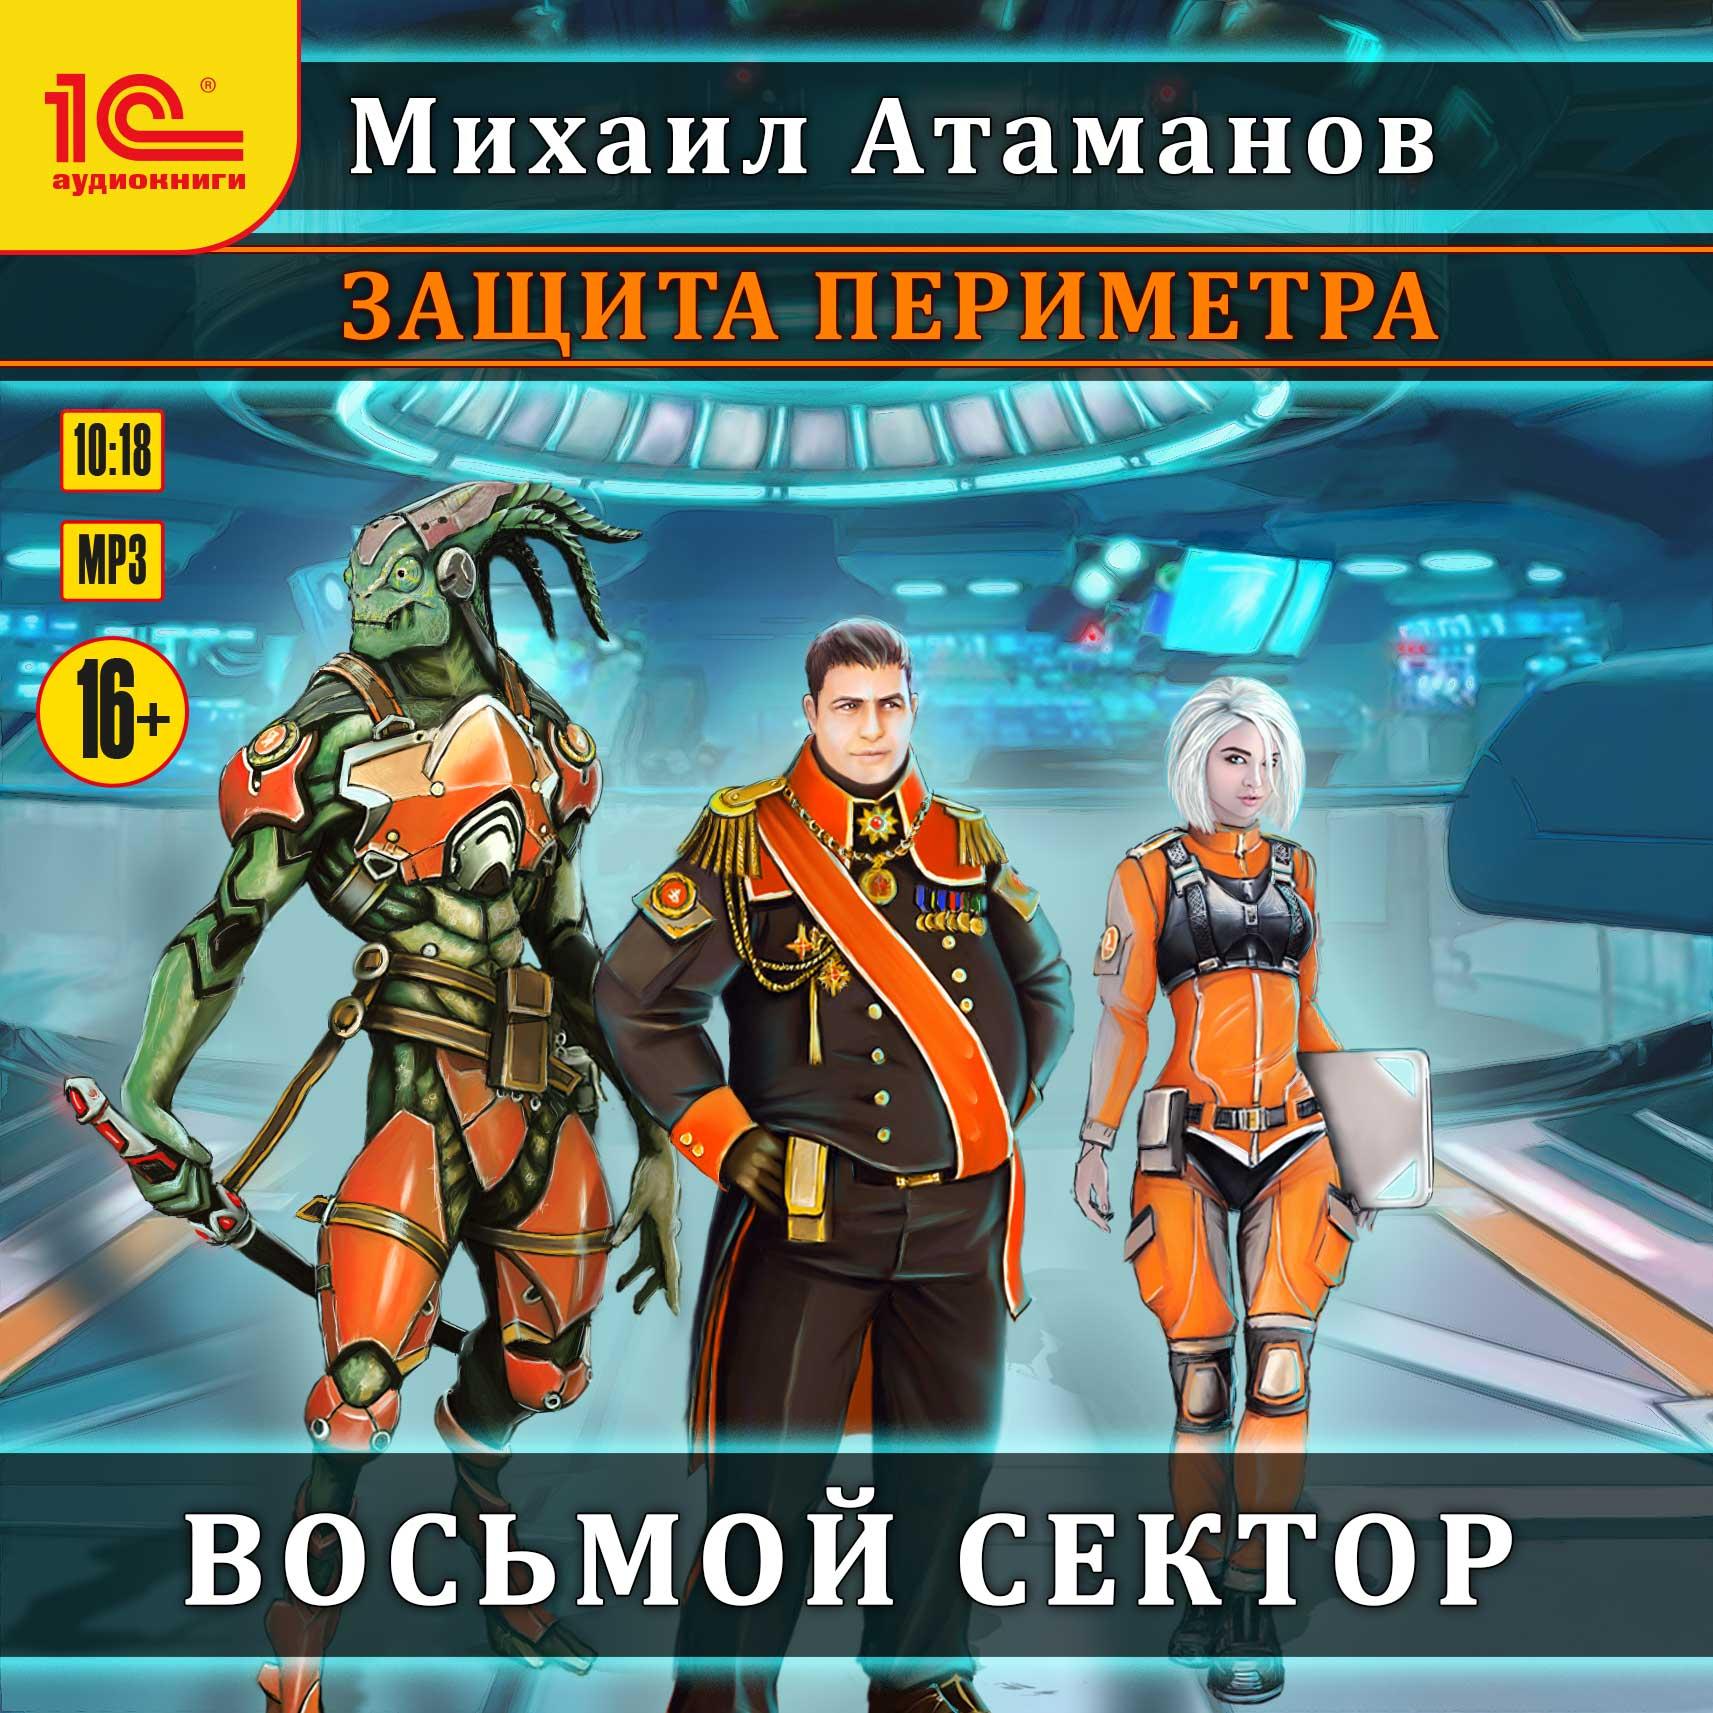 Михаил Атаманов Защита периметра: Восьмой сектор (цифровая версия) (Цифровая версия)